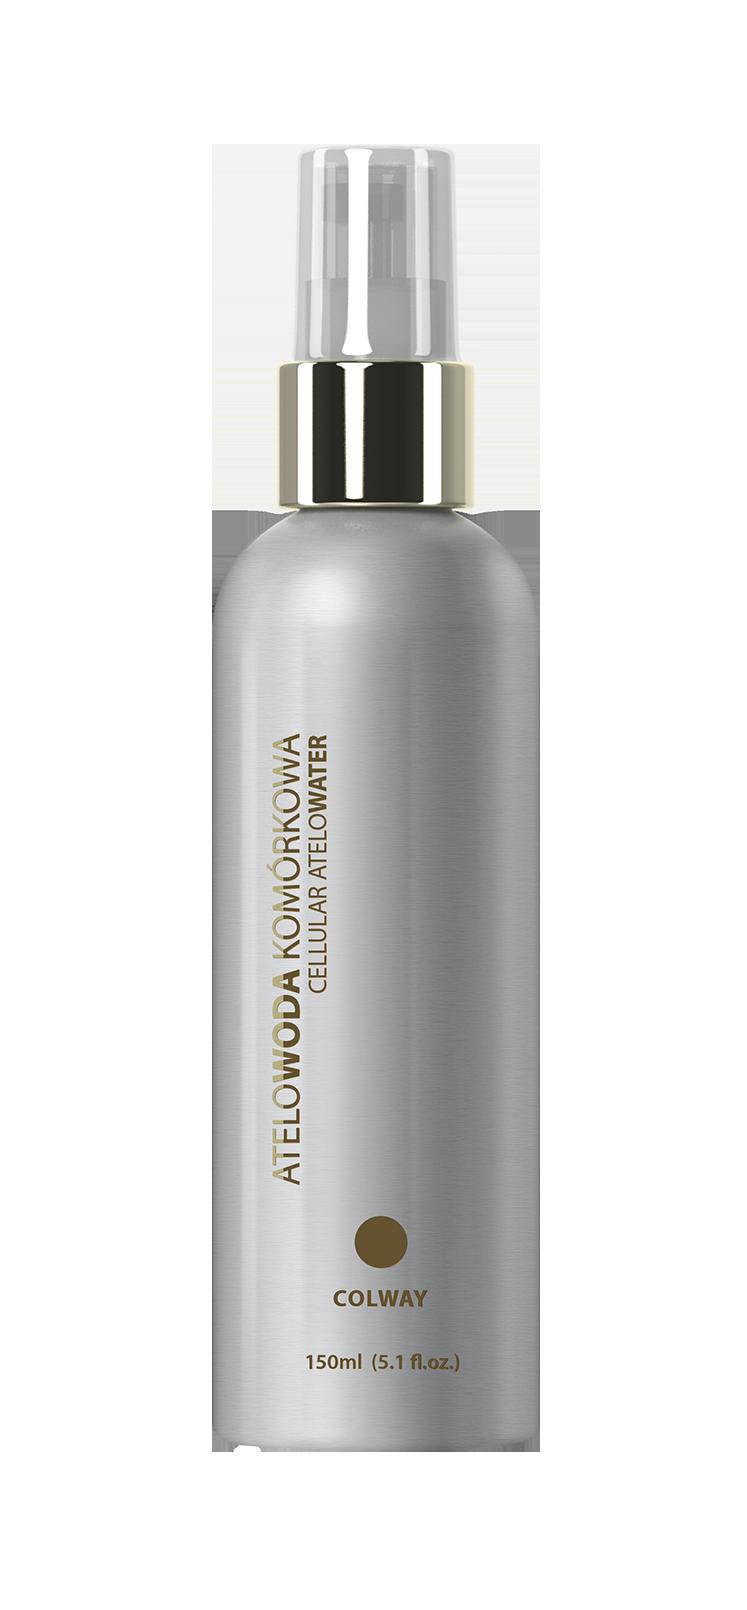 Косметика Colway - очищающие средства, термальная вода, очищающие средства